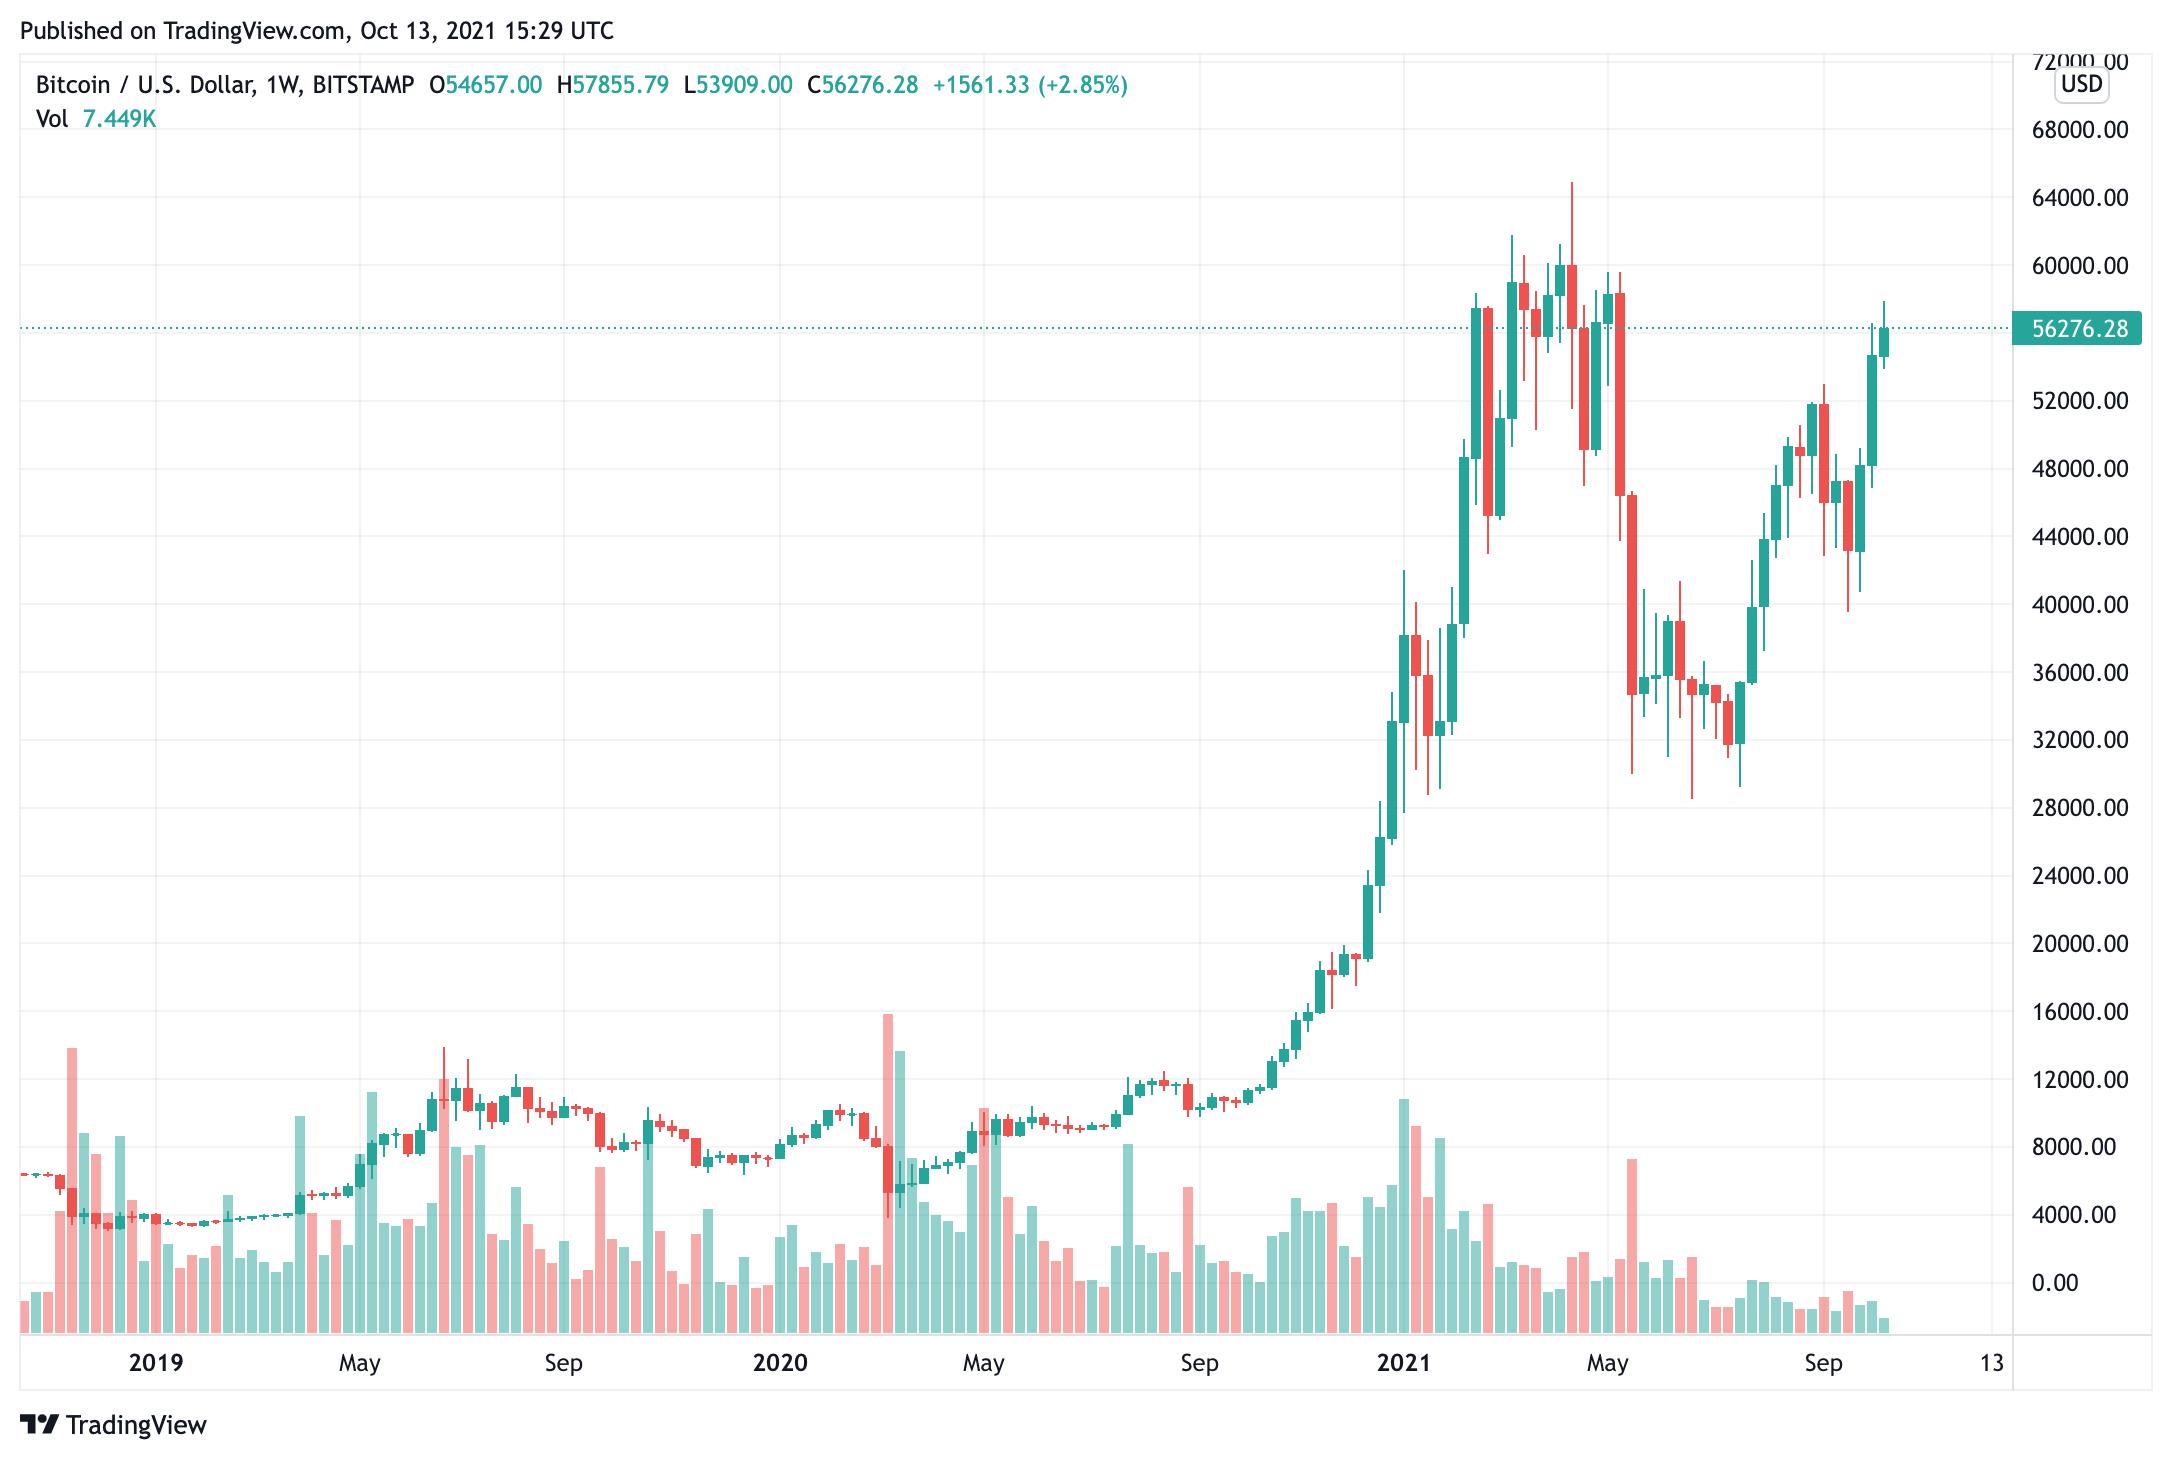 bitcoin-giá-giảm-xuống-54800-sau đó-tăng-lên-56000-chỉ-theo-thị trường-santions